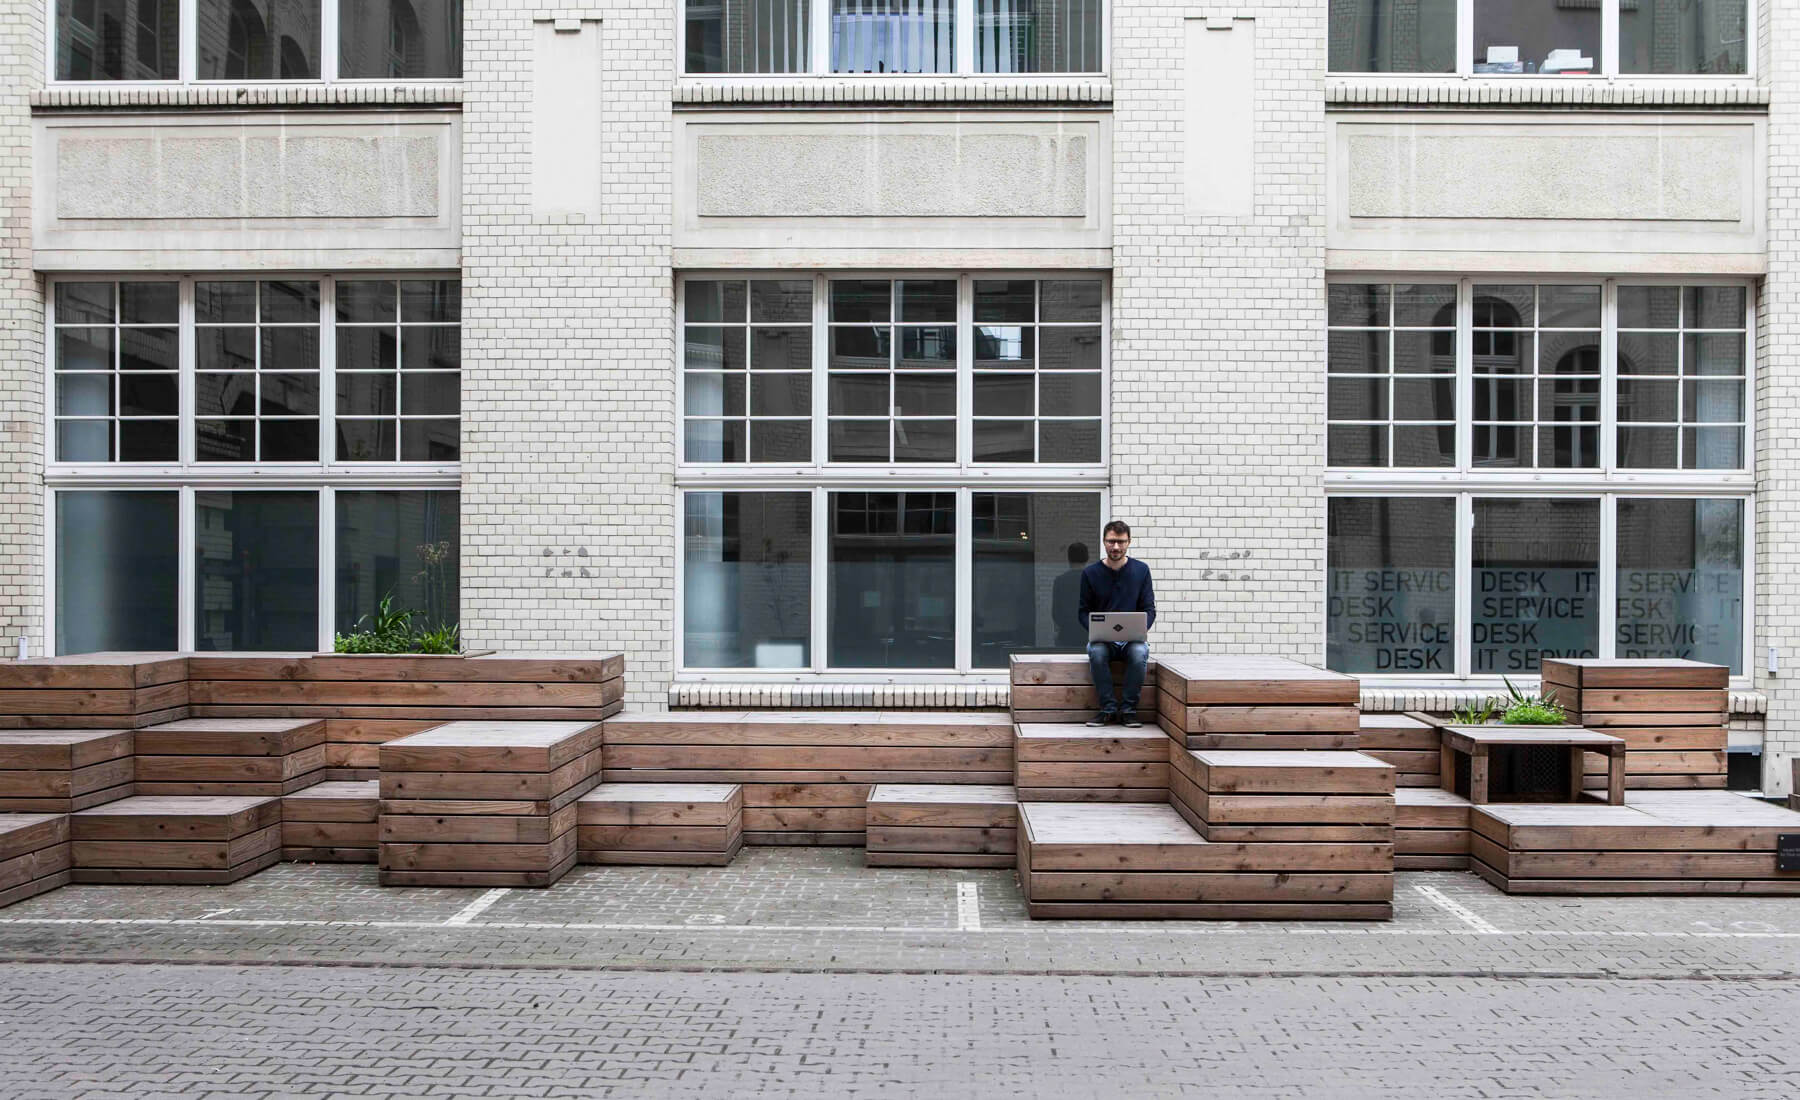 Digitale Leute - Martin Junker - Idealo - Statt parkplätze eine Sitzlandschaft im Innenbereich der Anlage, in der idealo seit zwei Jahren residiert.